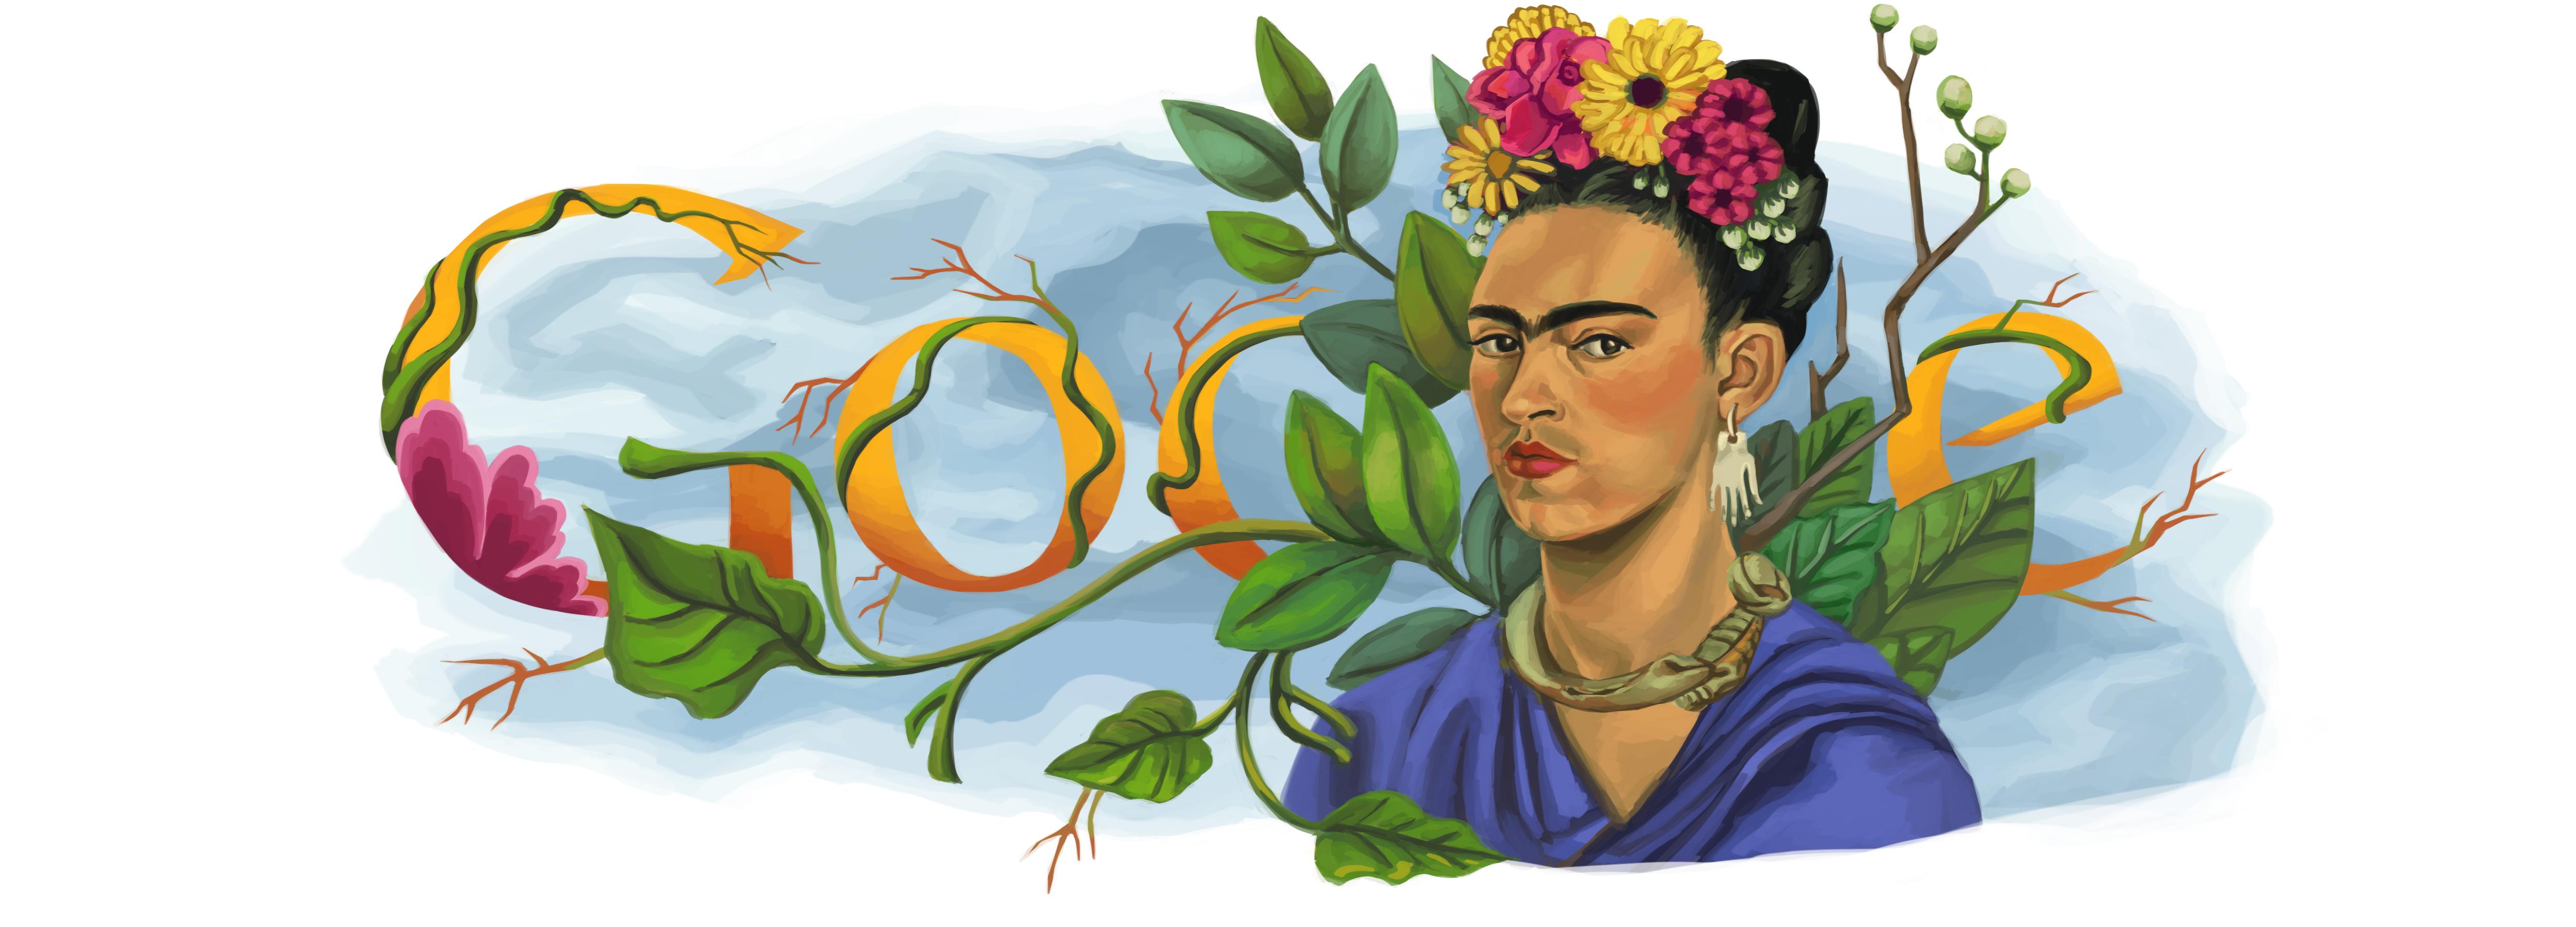 Frida Kahlo - Dia Internacional das Mulheres